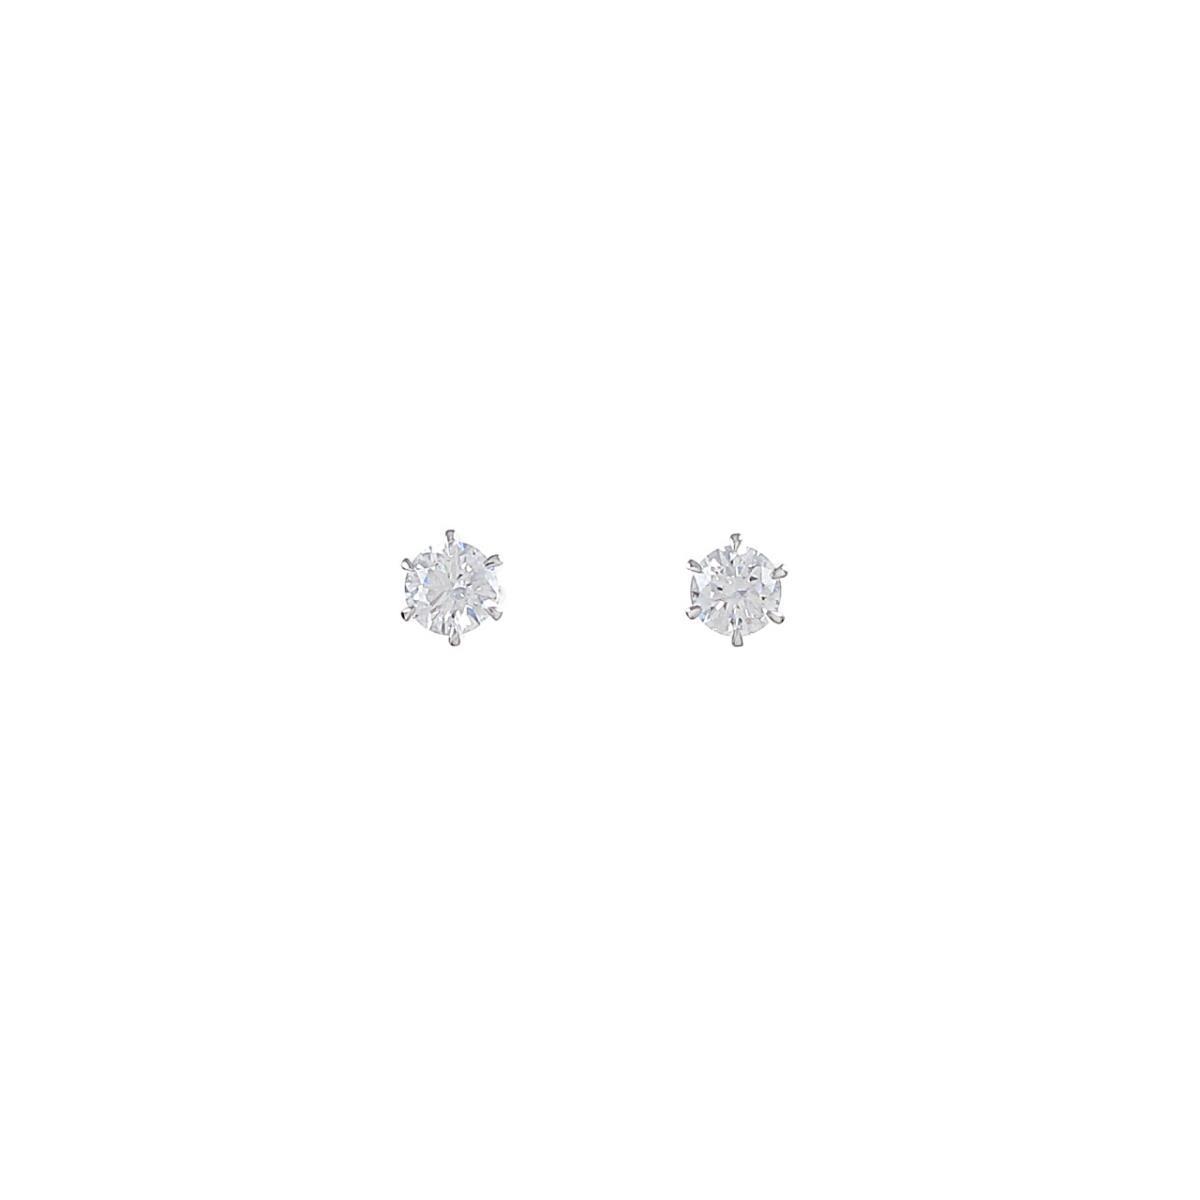 【リメイク】プラチナダイヤモンドピアス 0.205ct・0.215ct・D・SI1・VG【中古】